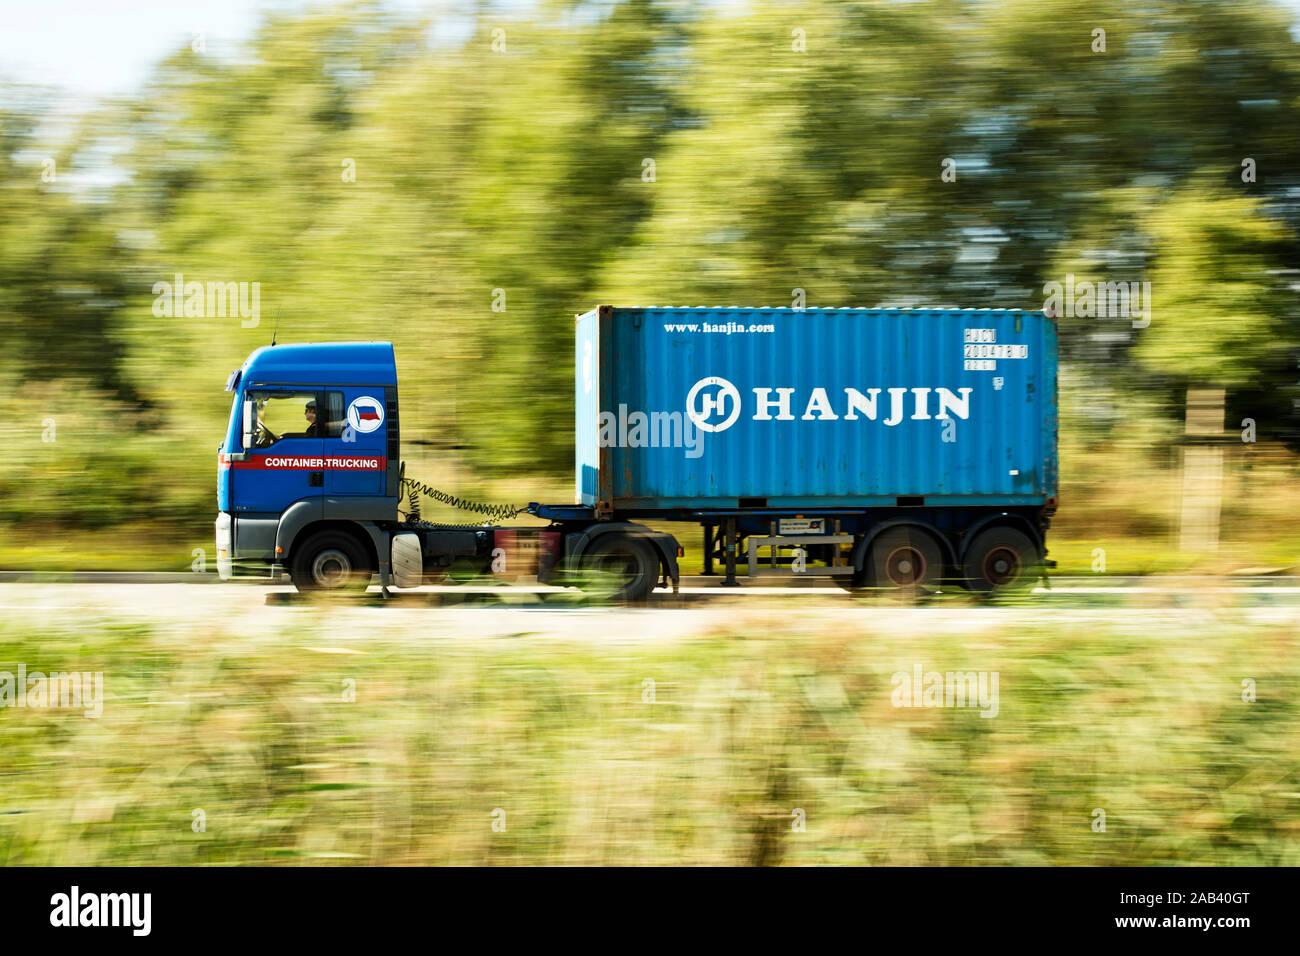 Lastkraftwagen mit einem Sattelauflieger und einem Container unterwegs in einem Gewerbegebiet |Trucks with a trailer and a container road in an indust Stock Photo